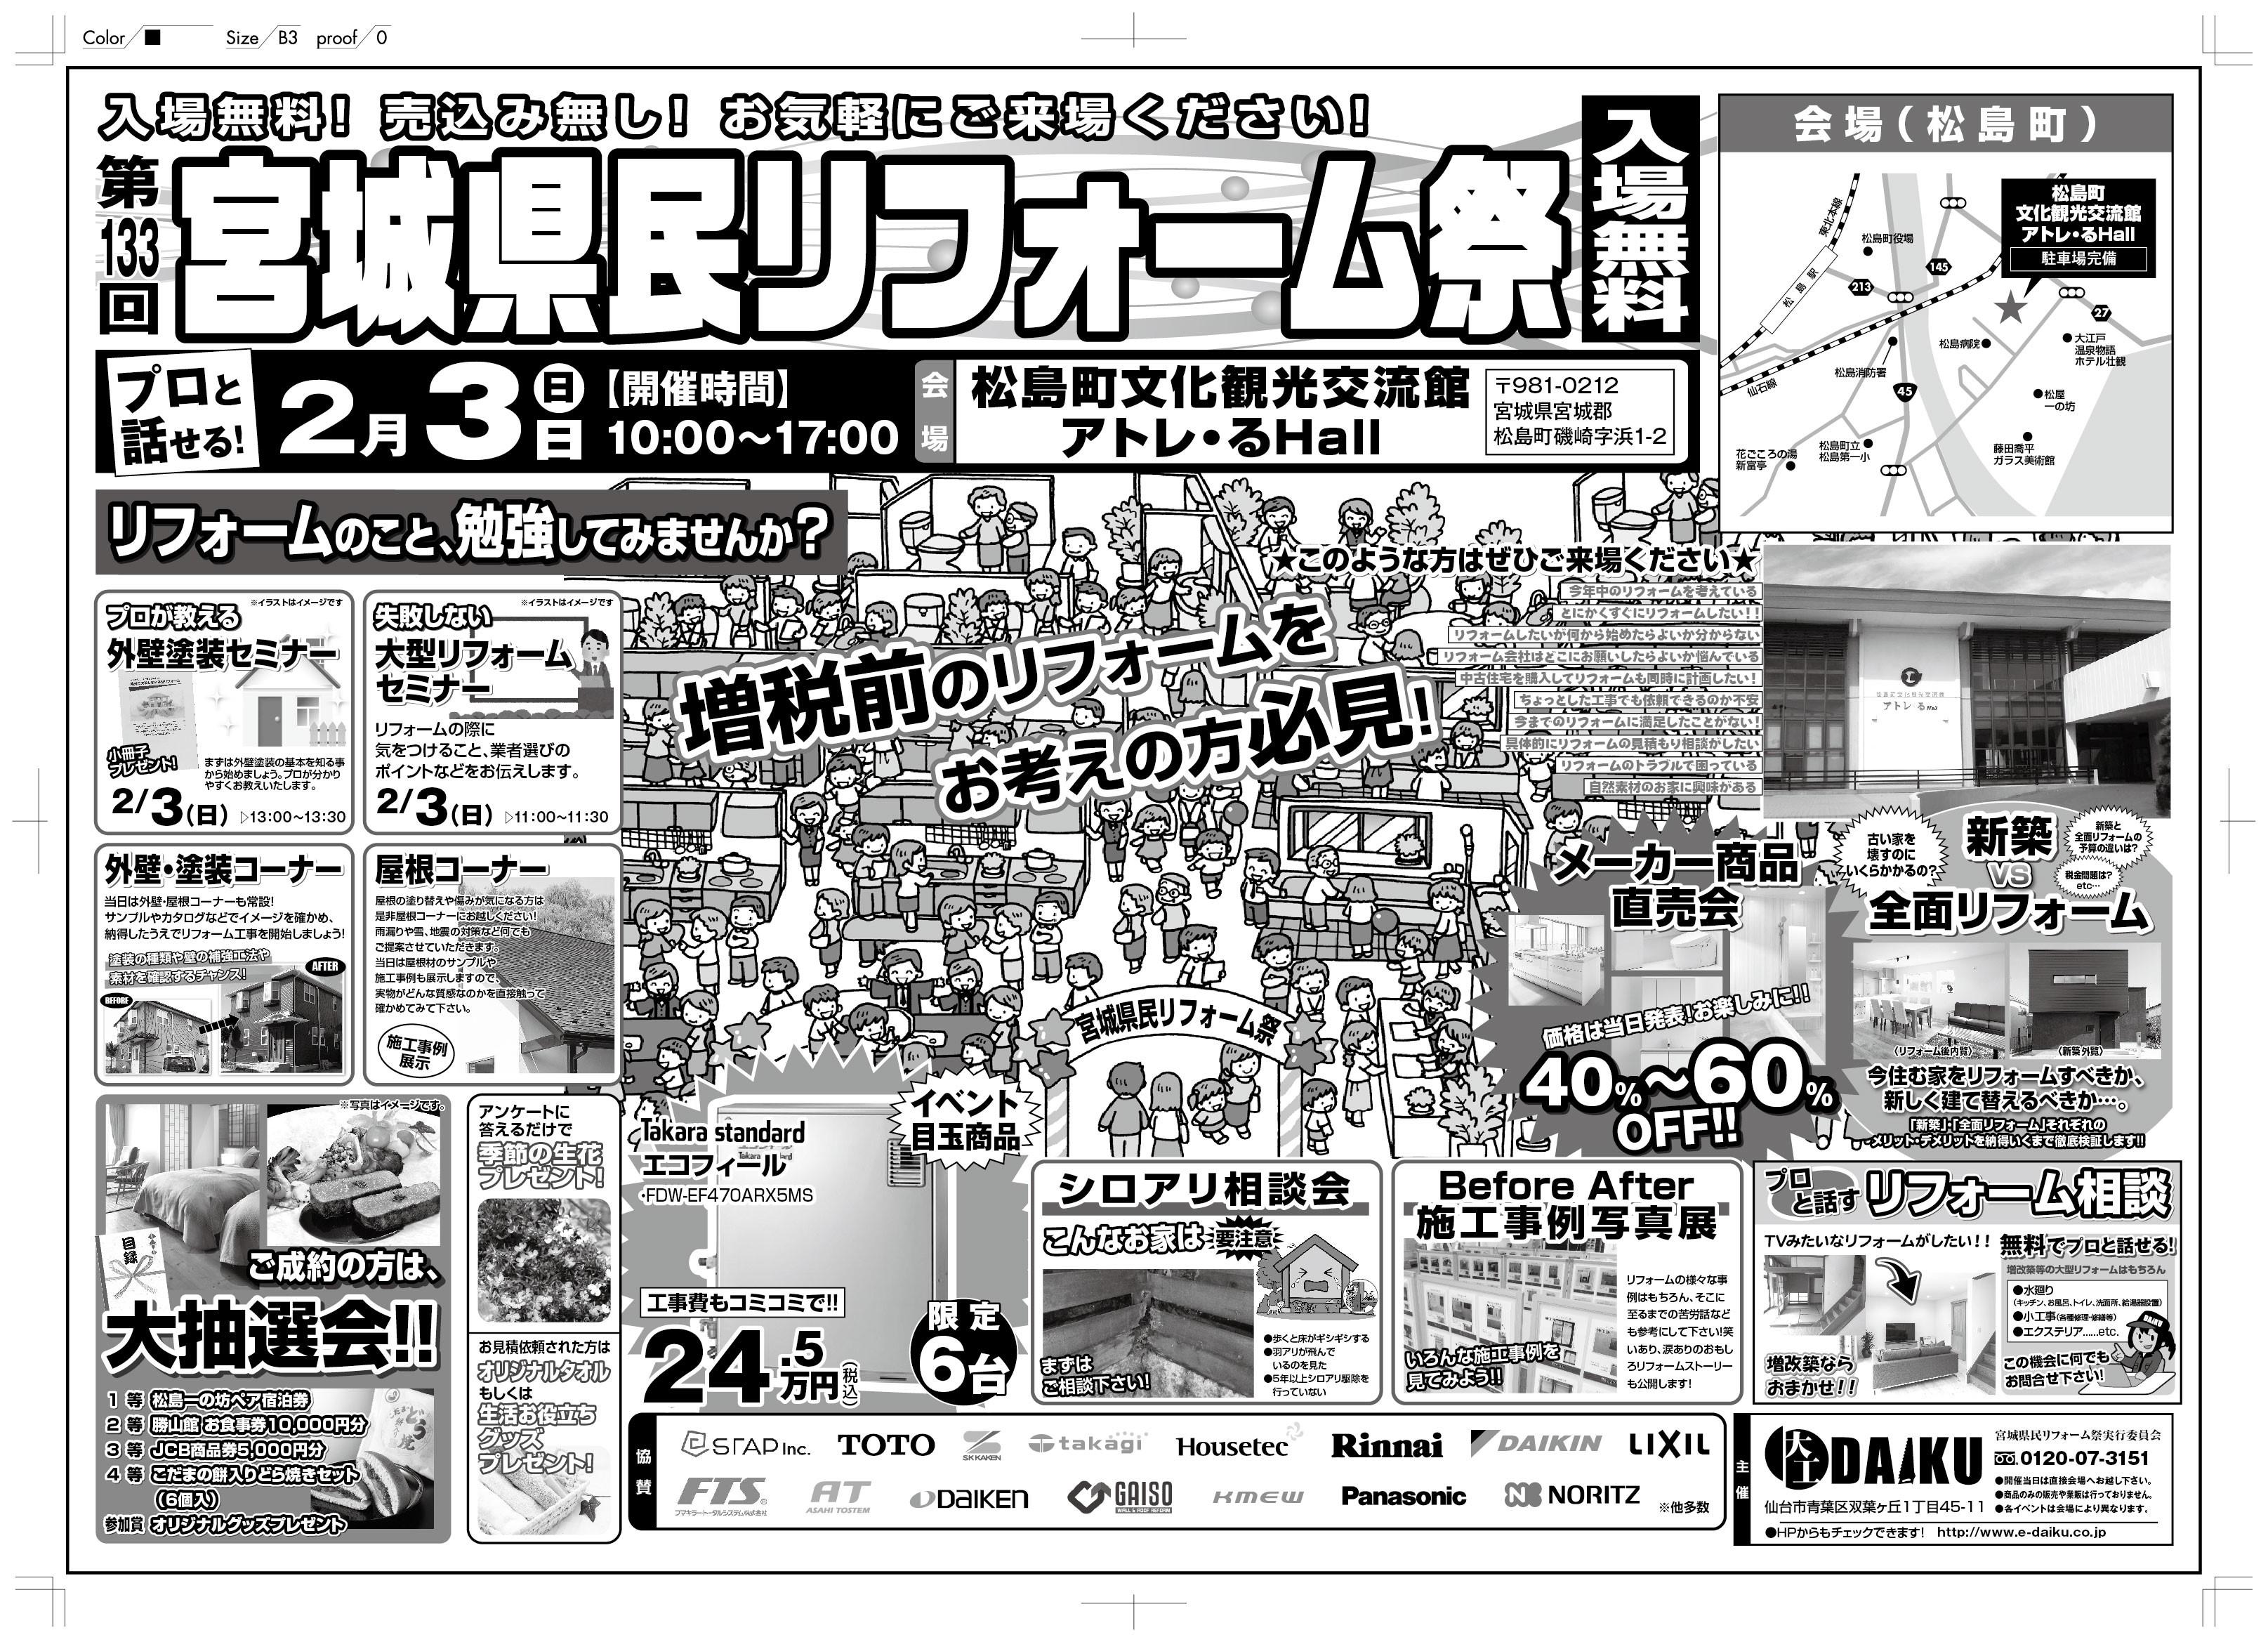 【イベント終了しました!】2/3(日)『宮城県民リフォーム祭』 in 松島町文化観光交流館 アトレ・るHall